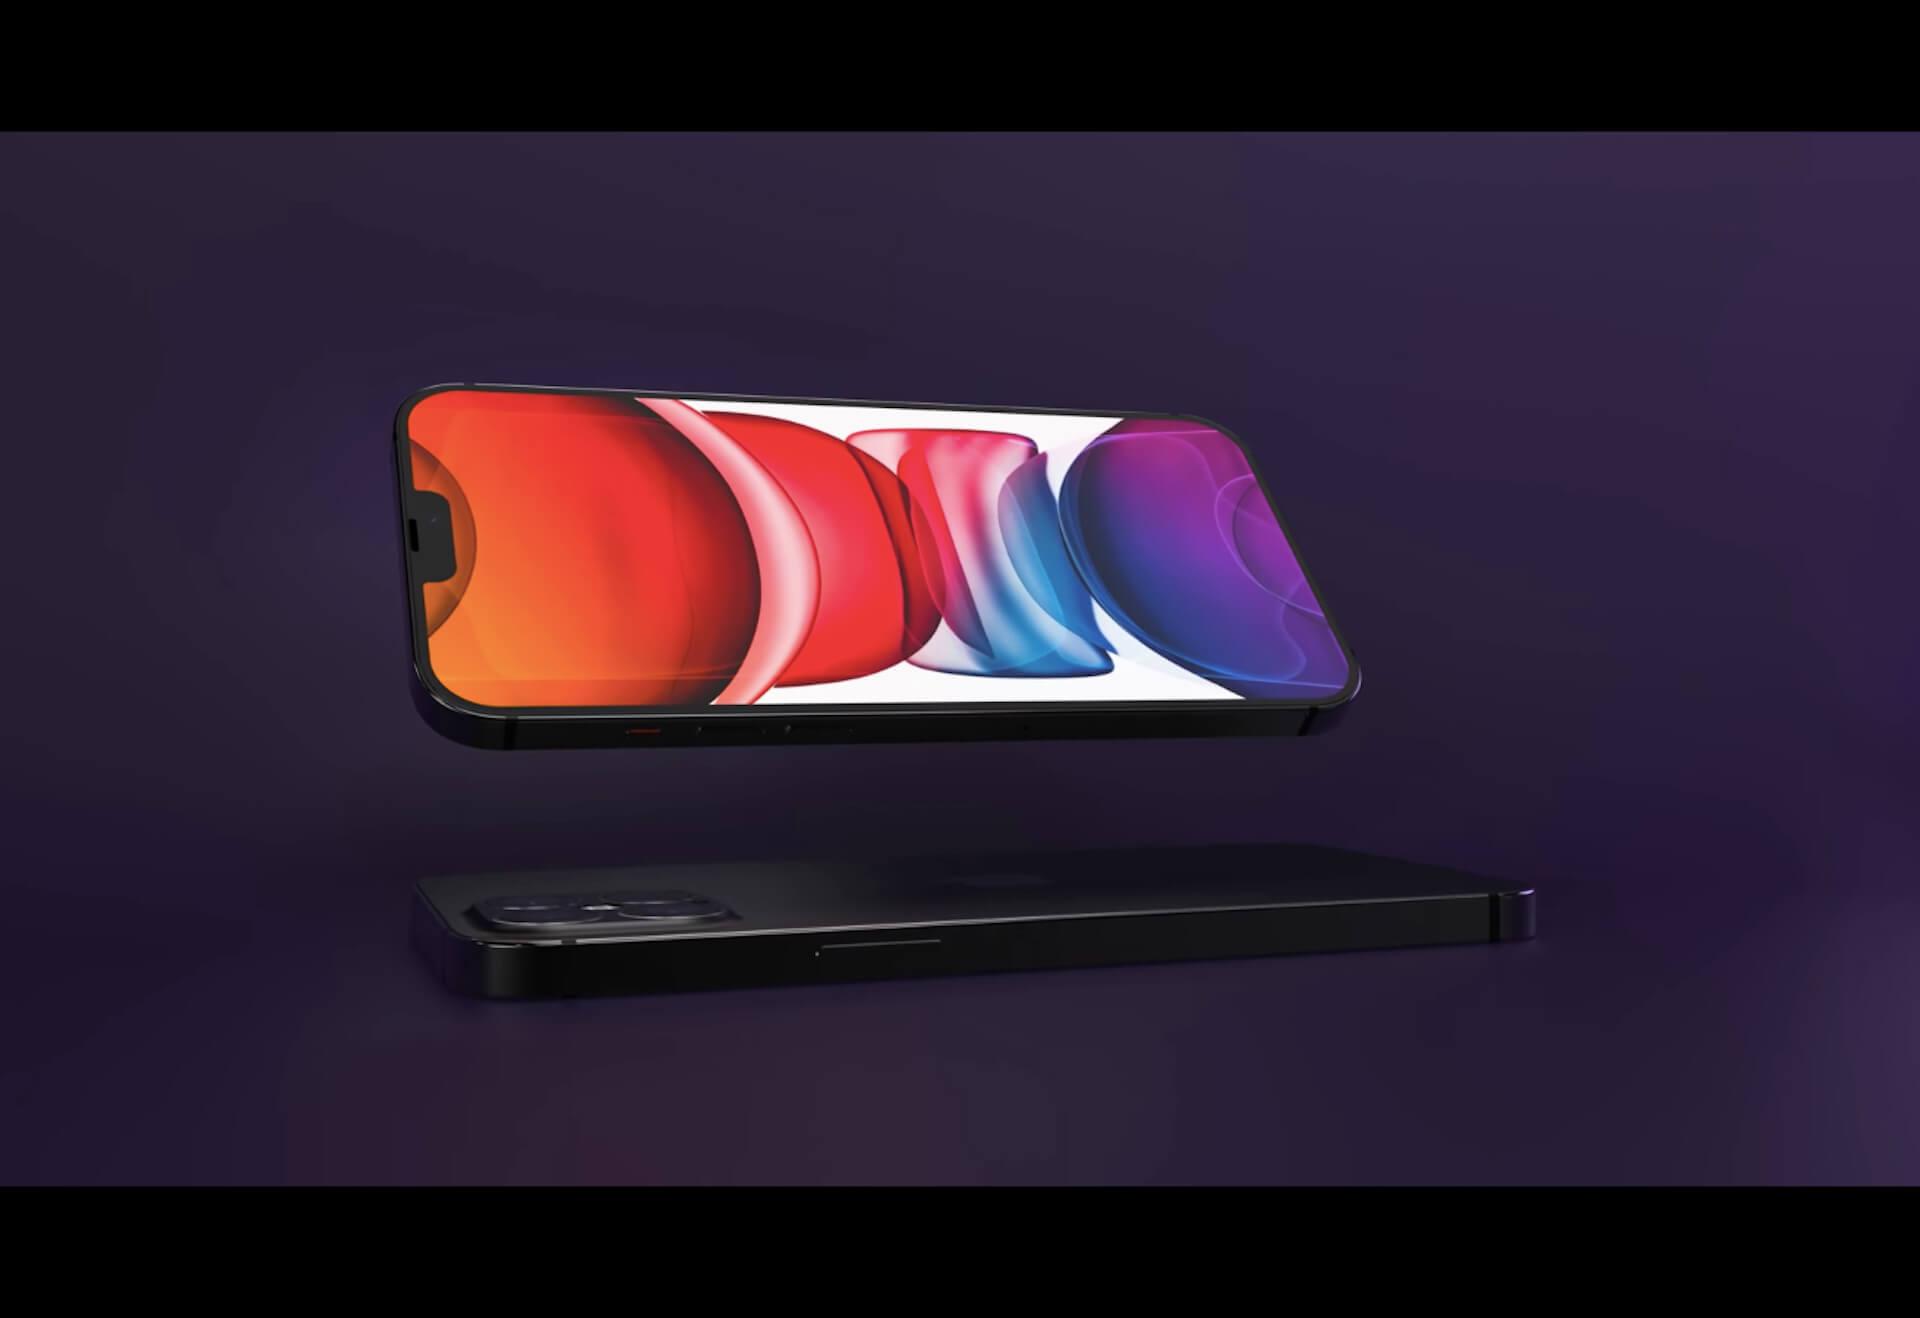 9月8日発表の可能性もあるiPhone 12シリーズはスピーカー性能も向上か?iPhone 11シリーズと音質を比較する動画が公開 tech200727_iphone12_main